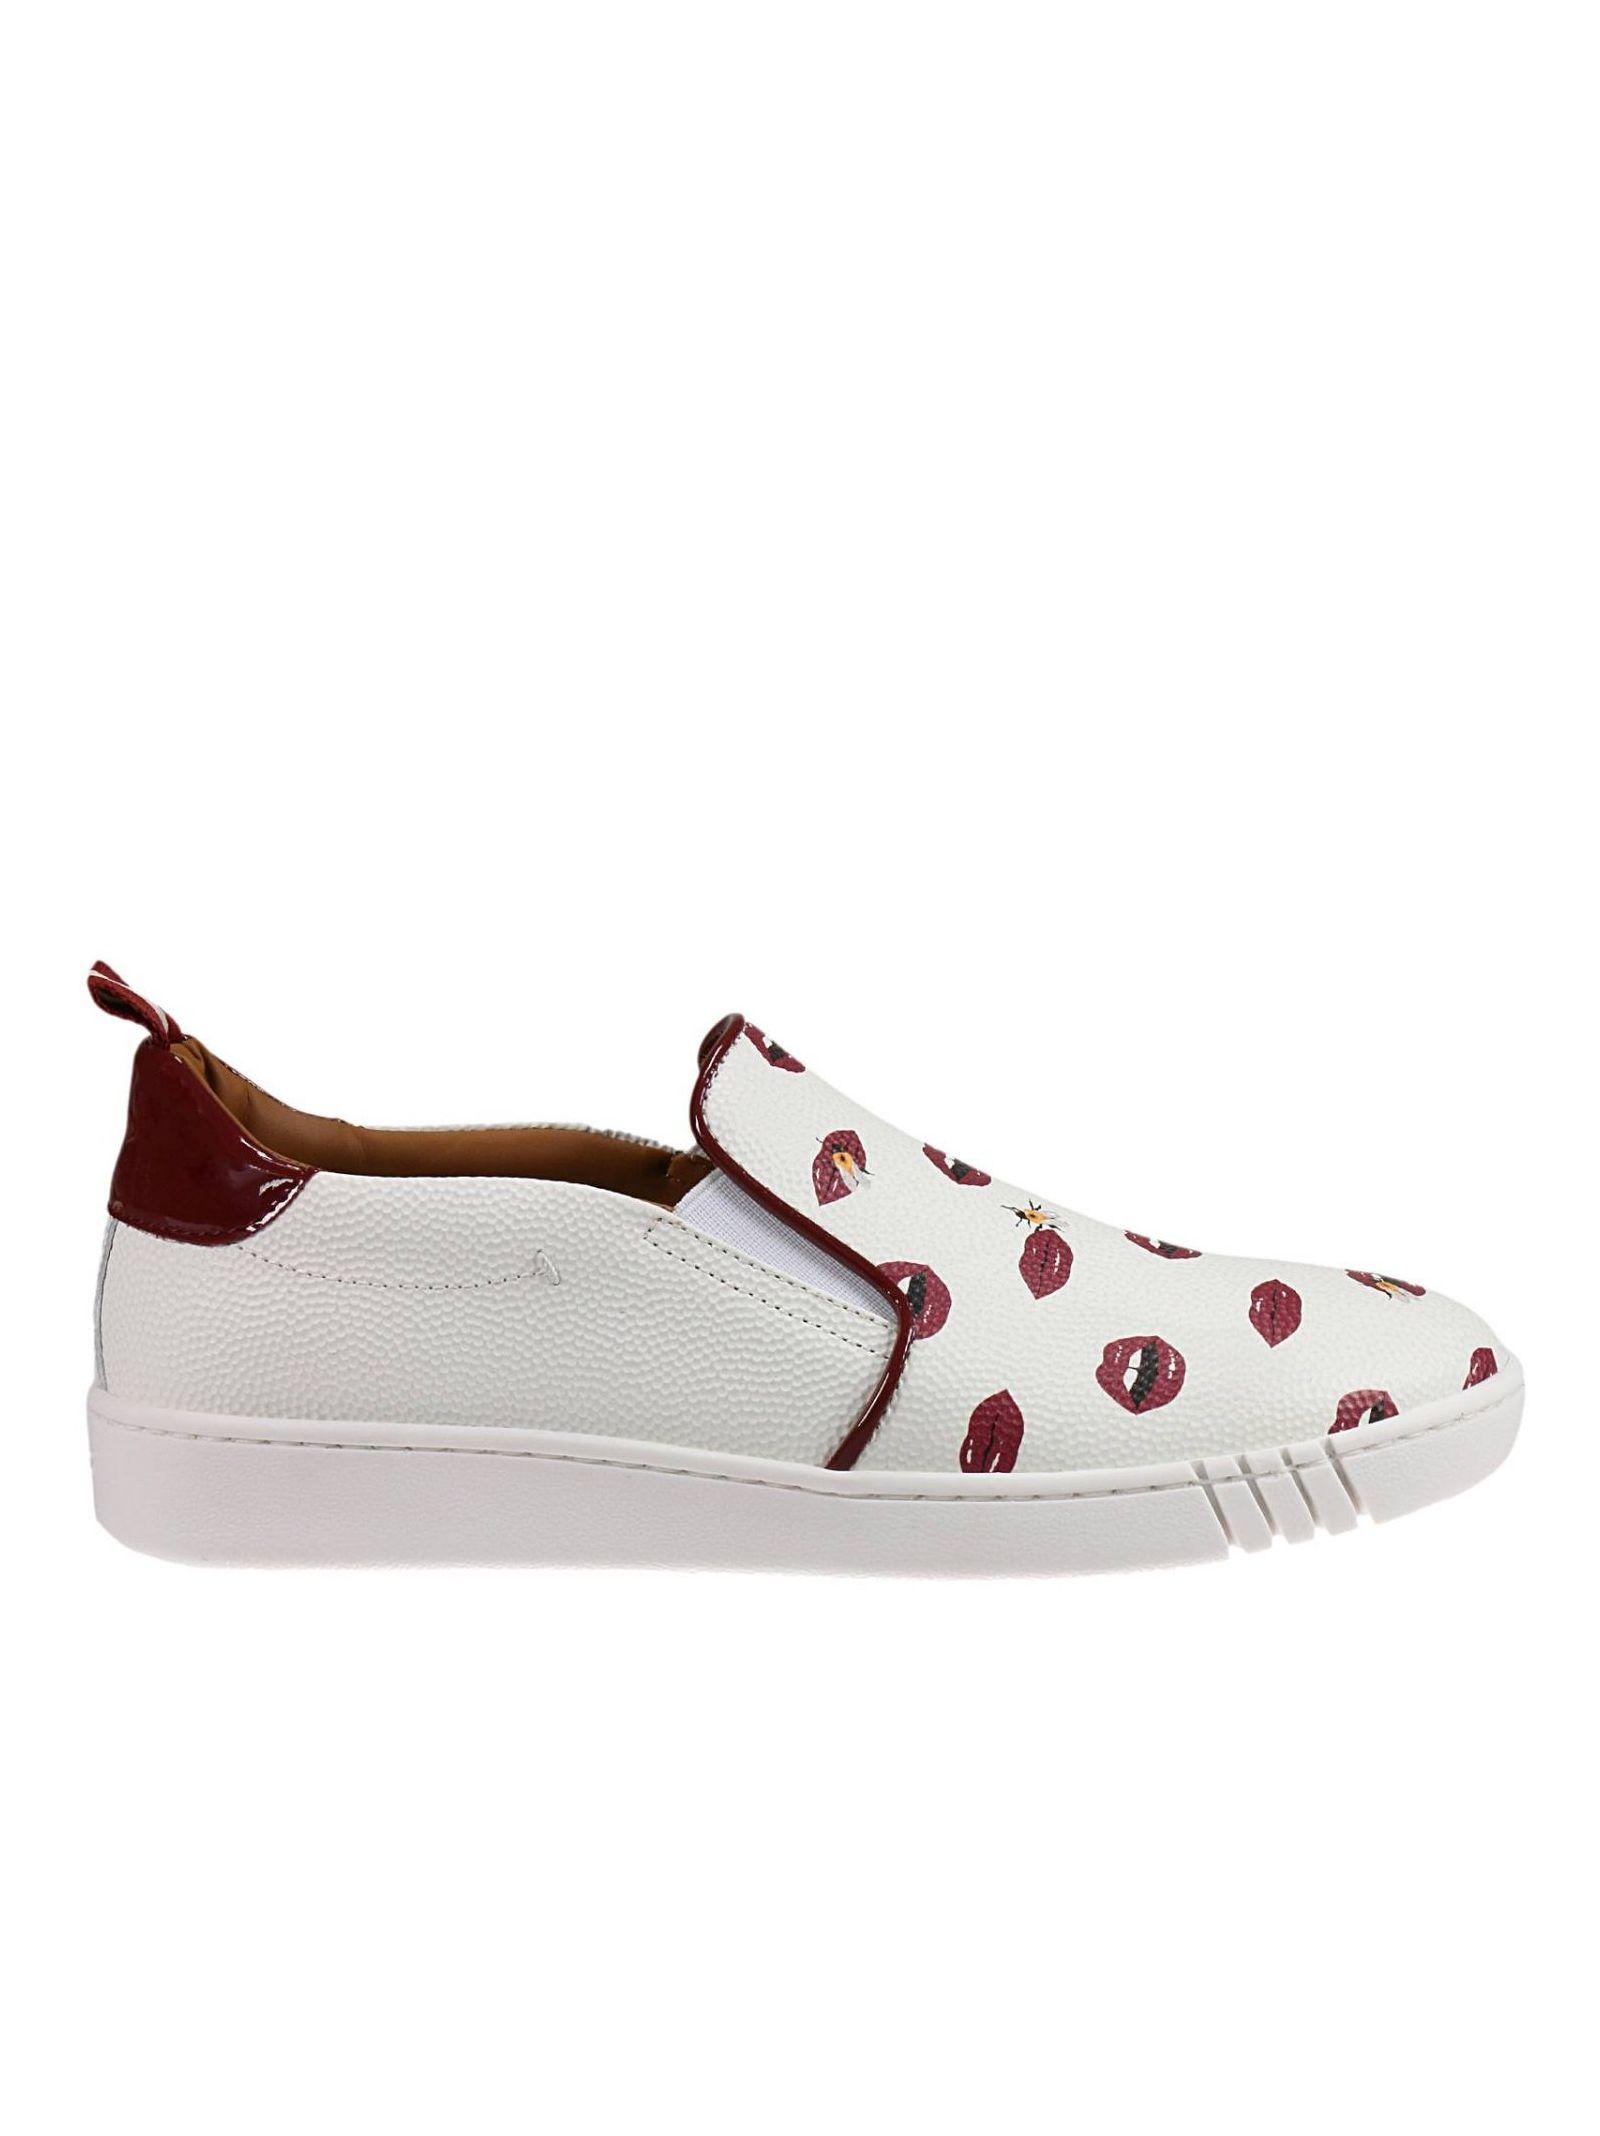 Pantofi sport de damă BALLY, ușori, confortabili, model fashion, cu imprimeu